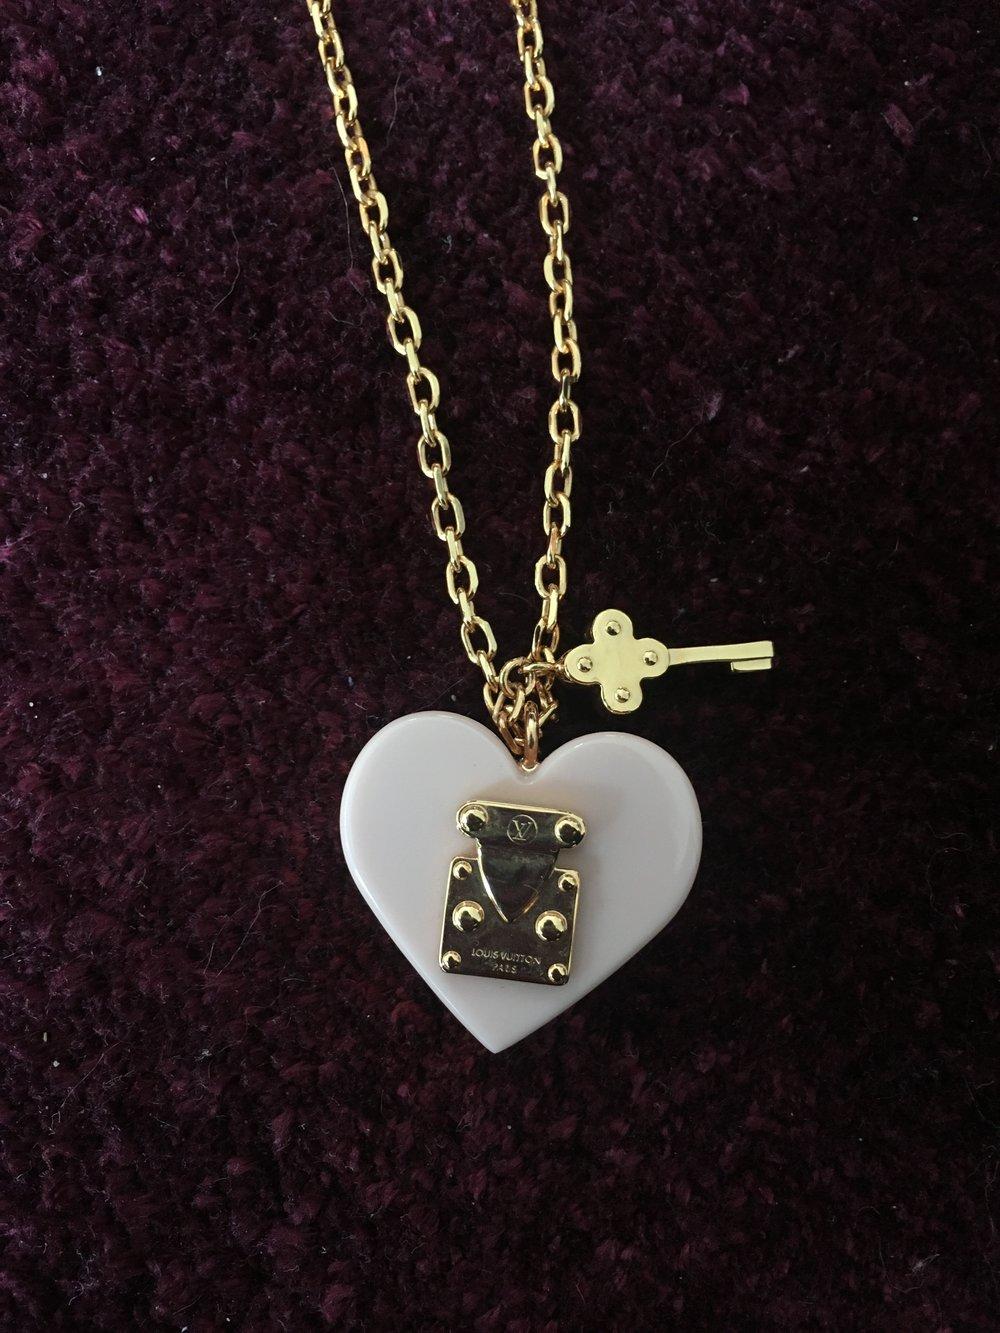 A secondhand Louis Vuitton necklace found at Troc En Stock